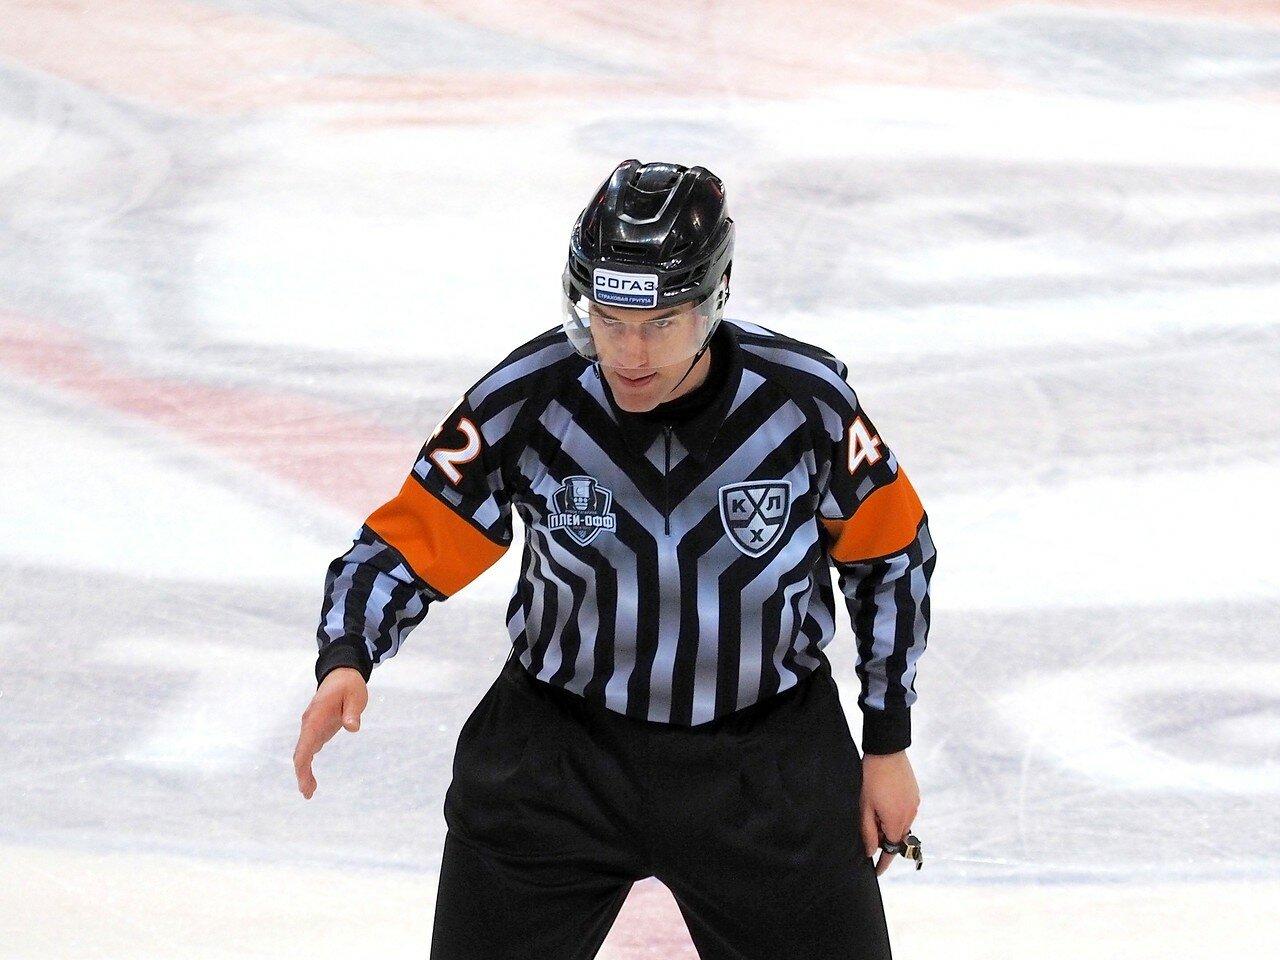 49 Первая игра финала плей-офф восточной конференции 2017 Металлург - АкБарс 24.03.2017